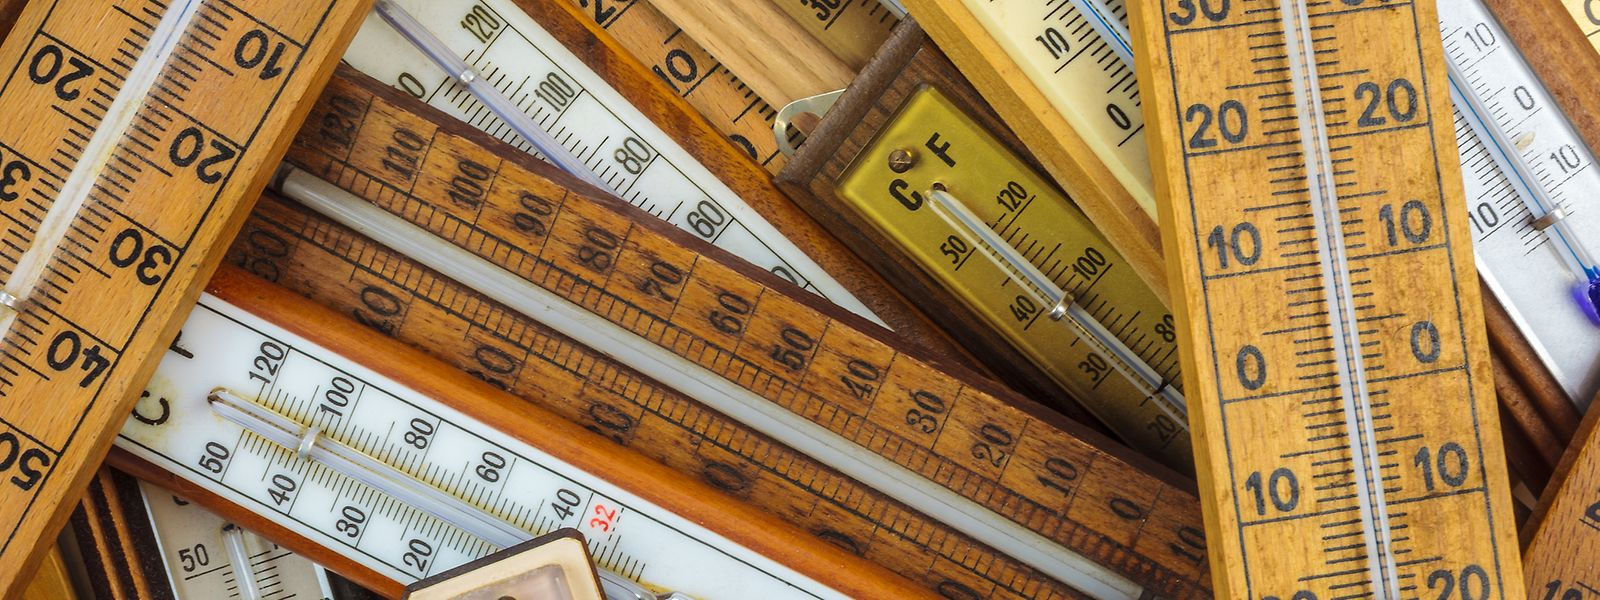 Bis zu den heutigen Thermometern hat die Wissenschaft eine lange Geschichte durchlaufen - nicht immer mit erfolgversprechenden Methoden.